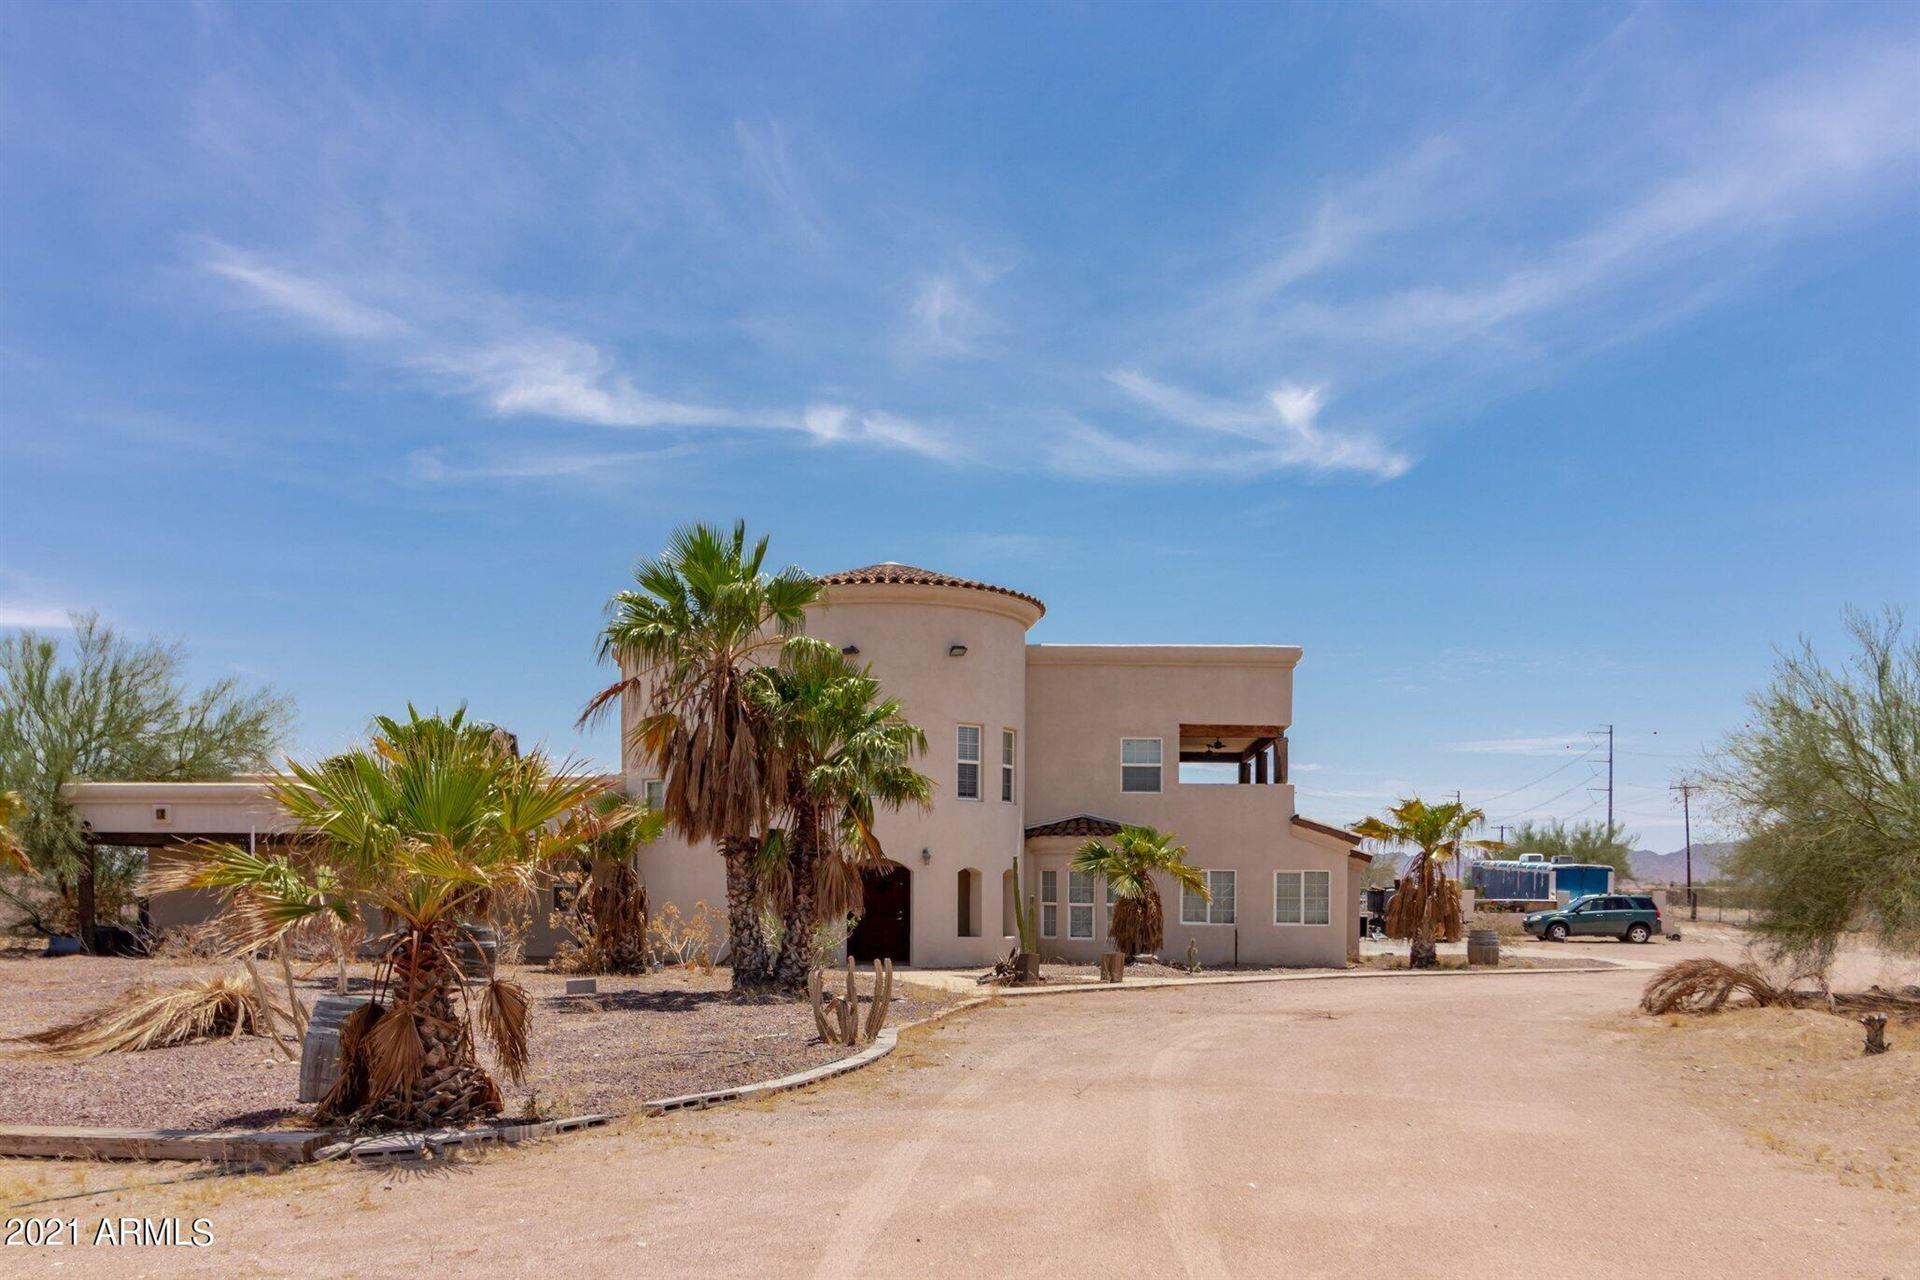 Photo for 9361 N WARREN Road, Maricopa, AZ 85139 (MLS # 6263258)